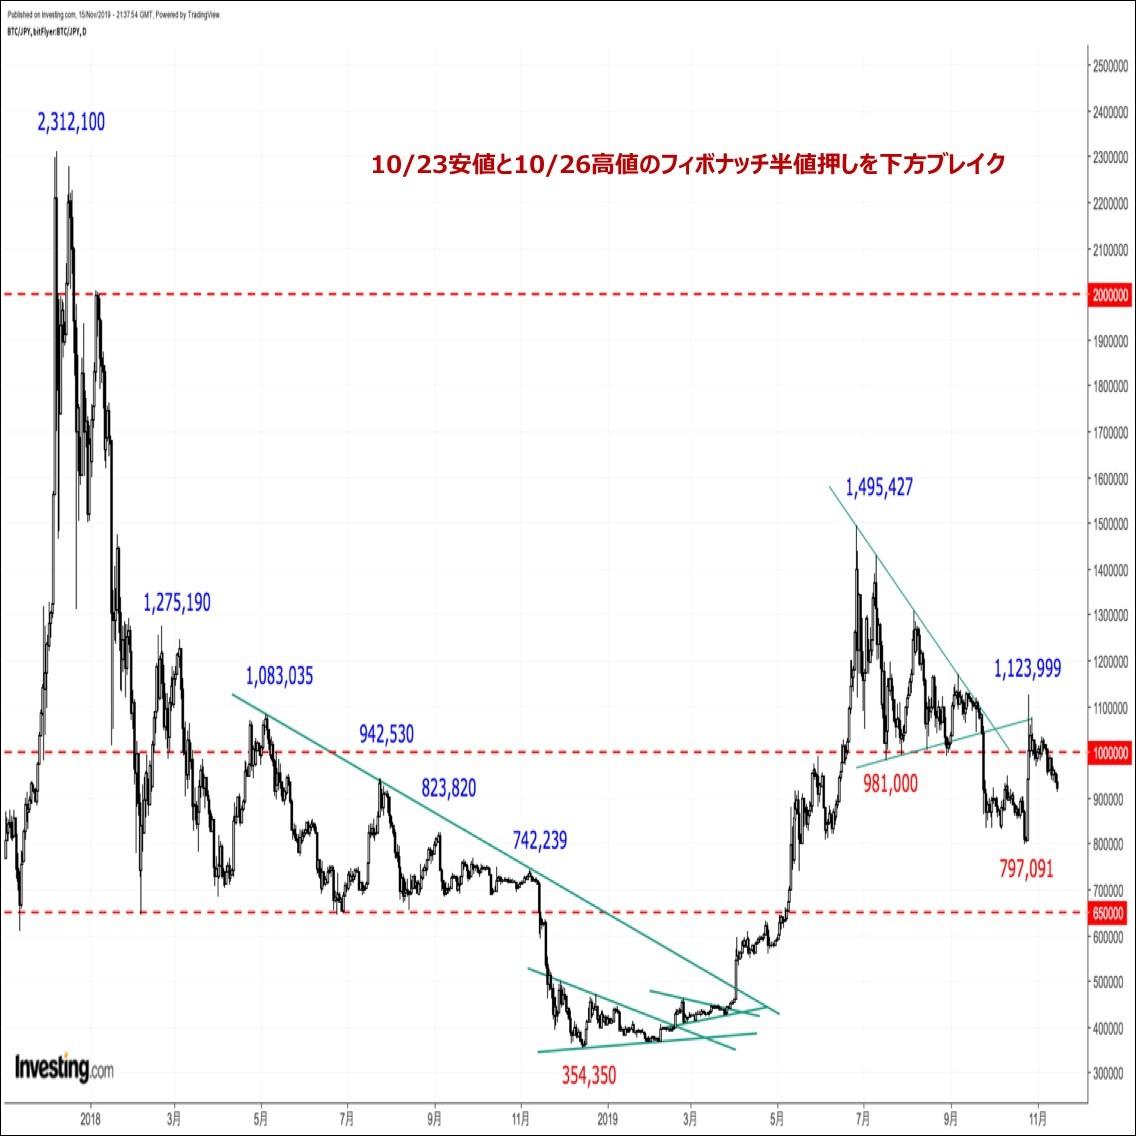 ビットコインの価格分析『新規材料難でじり安継続。ついにフィボナッチ61.8%割れへ』(11/16)